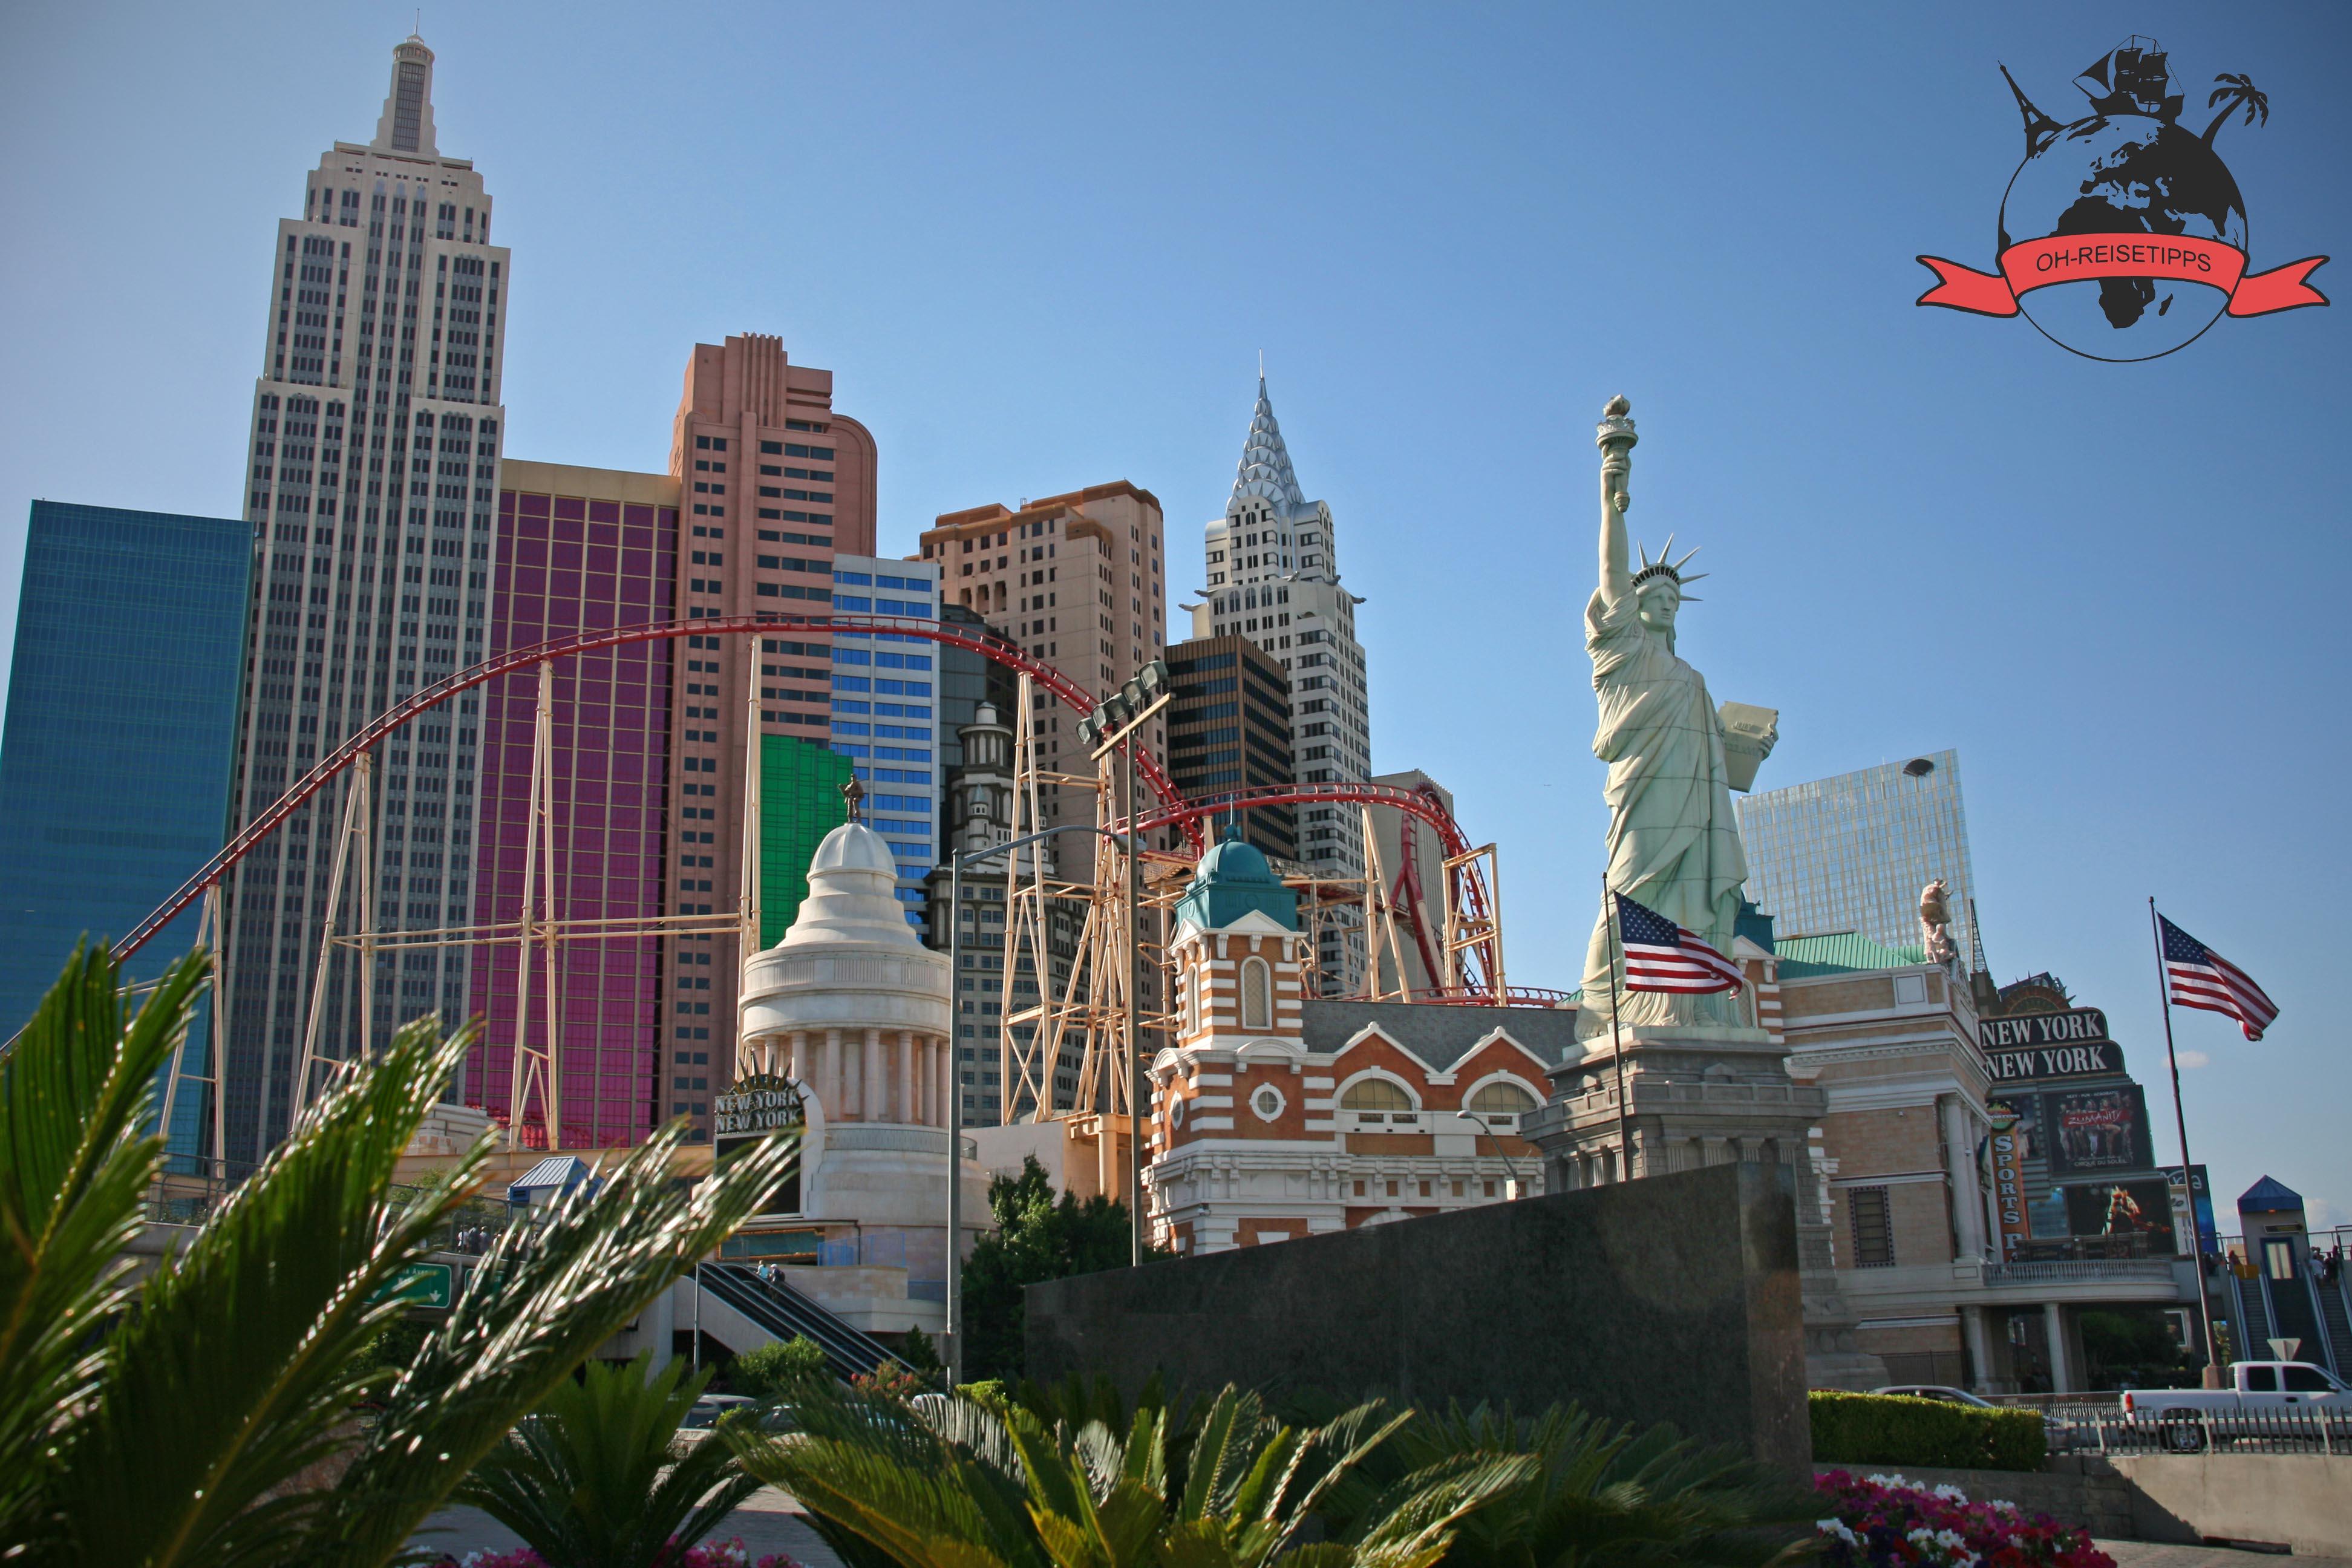 lasvegas-newyork-newyork-coaster